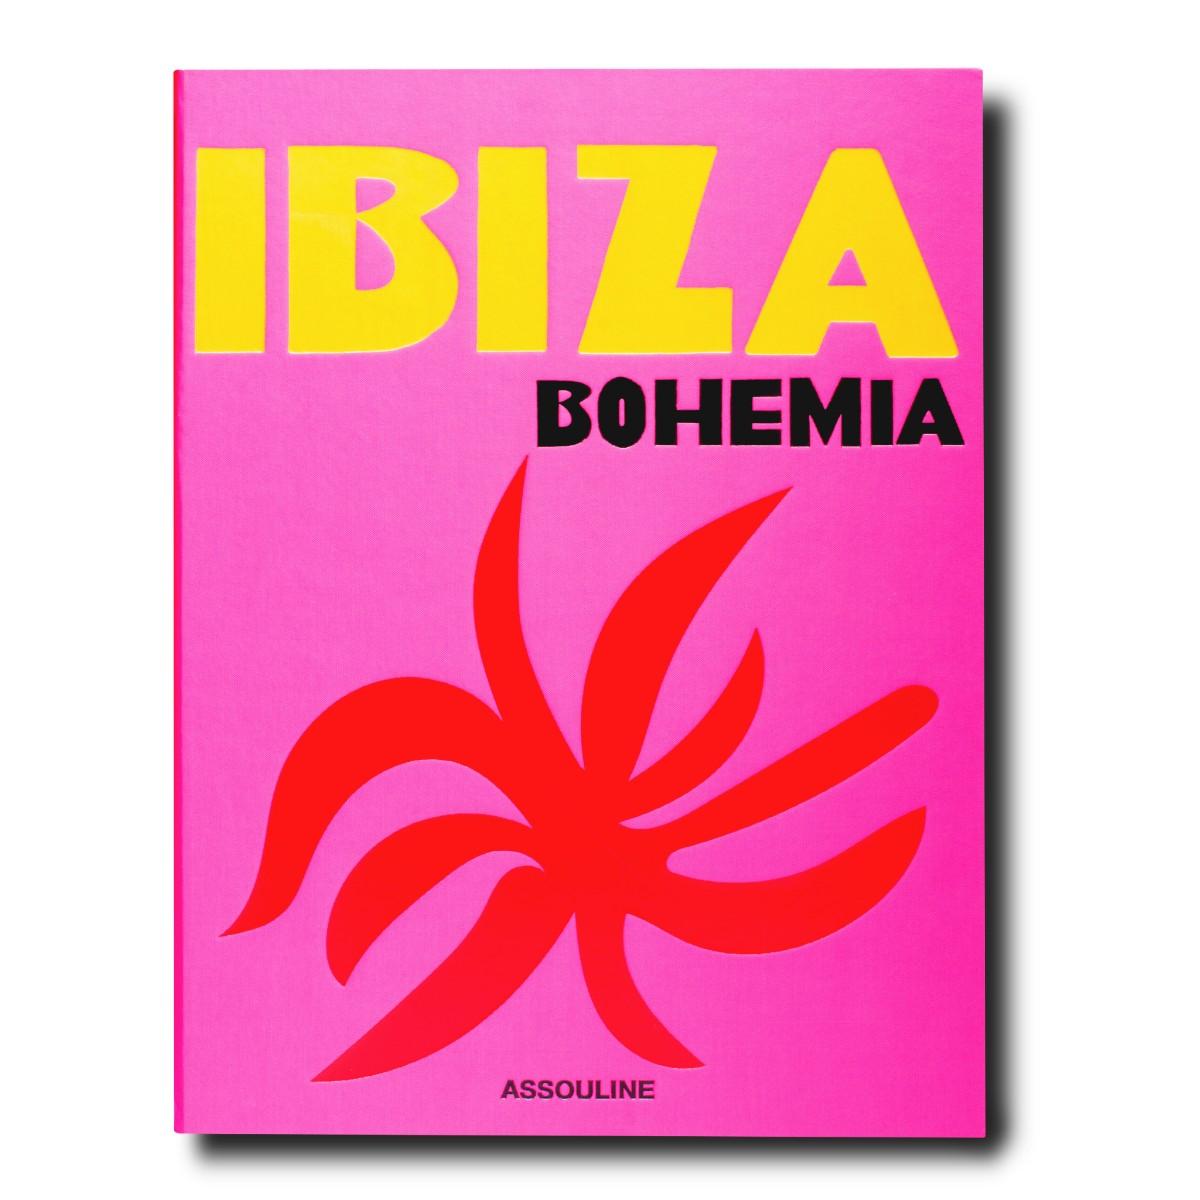 Assouline I Ibiza Bohemia